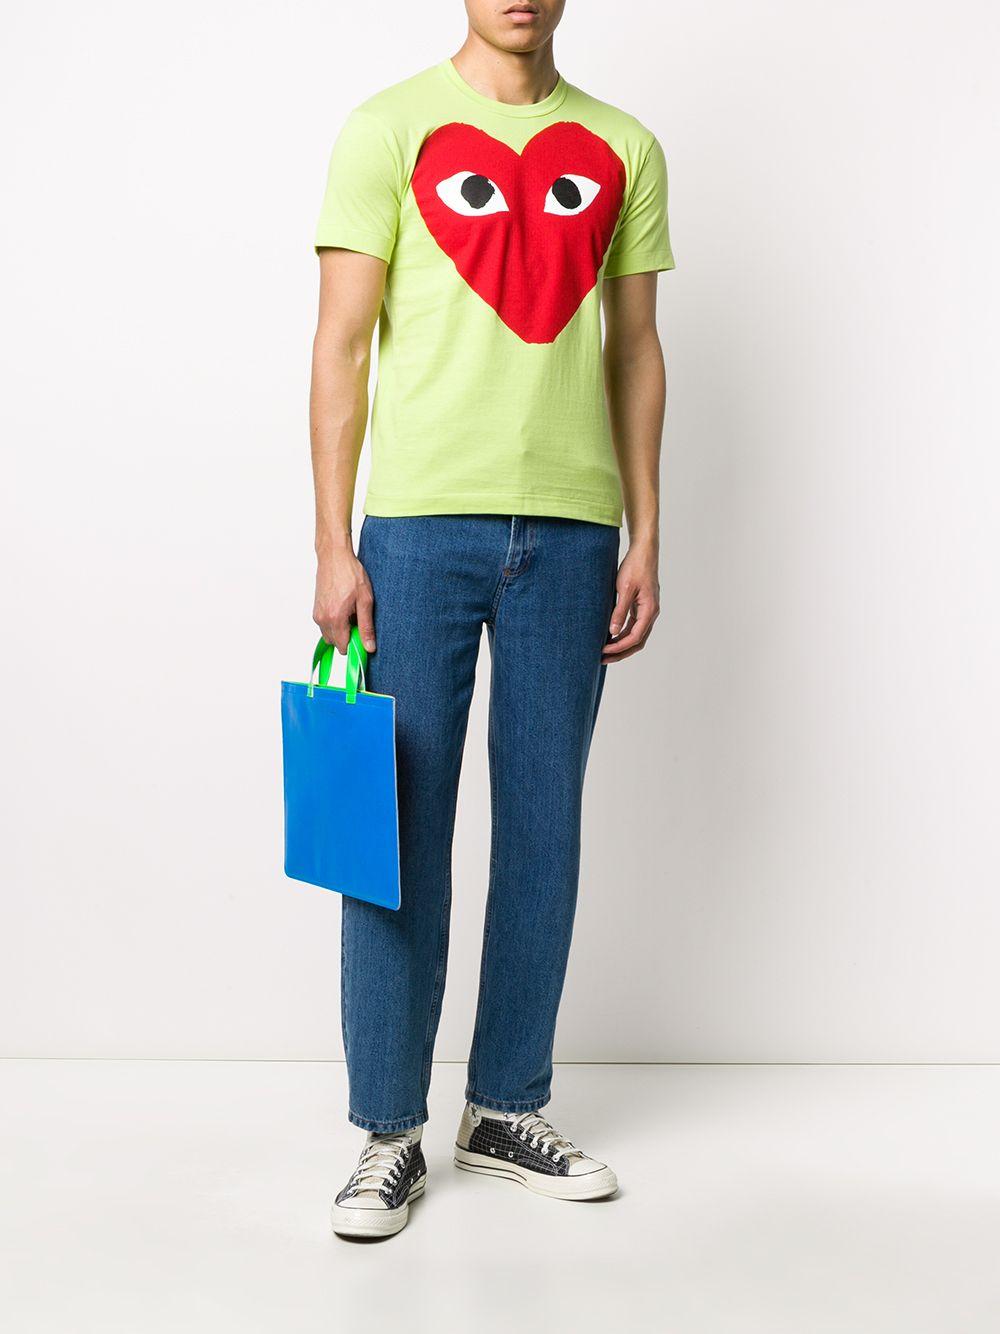 Coimme Des Garçons Play t-shirt man green COMME DES GARÇONS PLAY | T-shirts | P1T2742